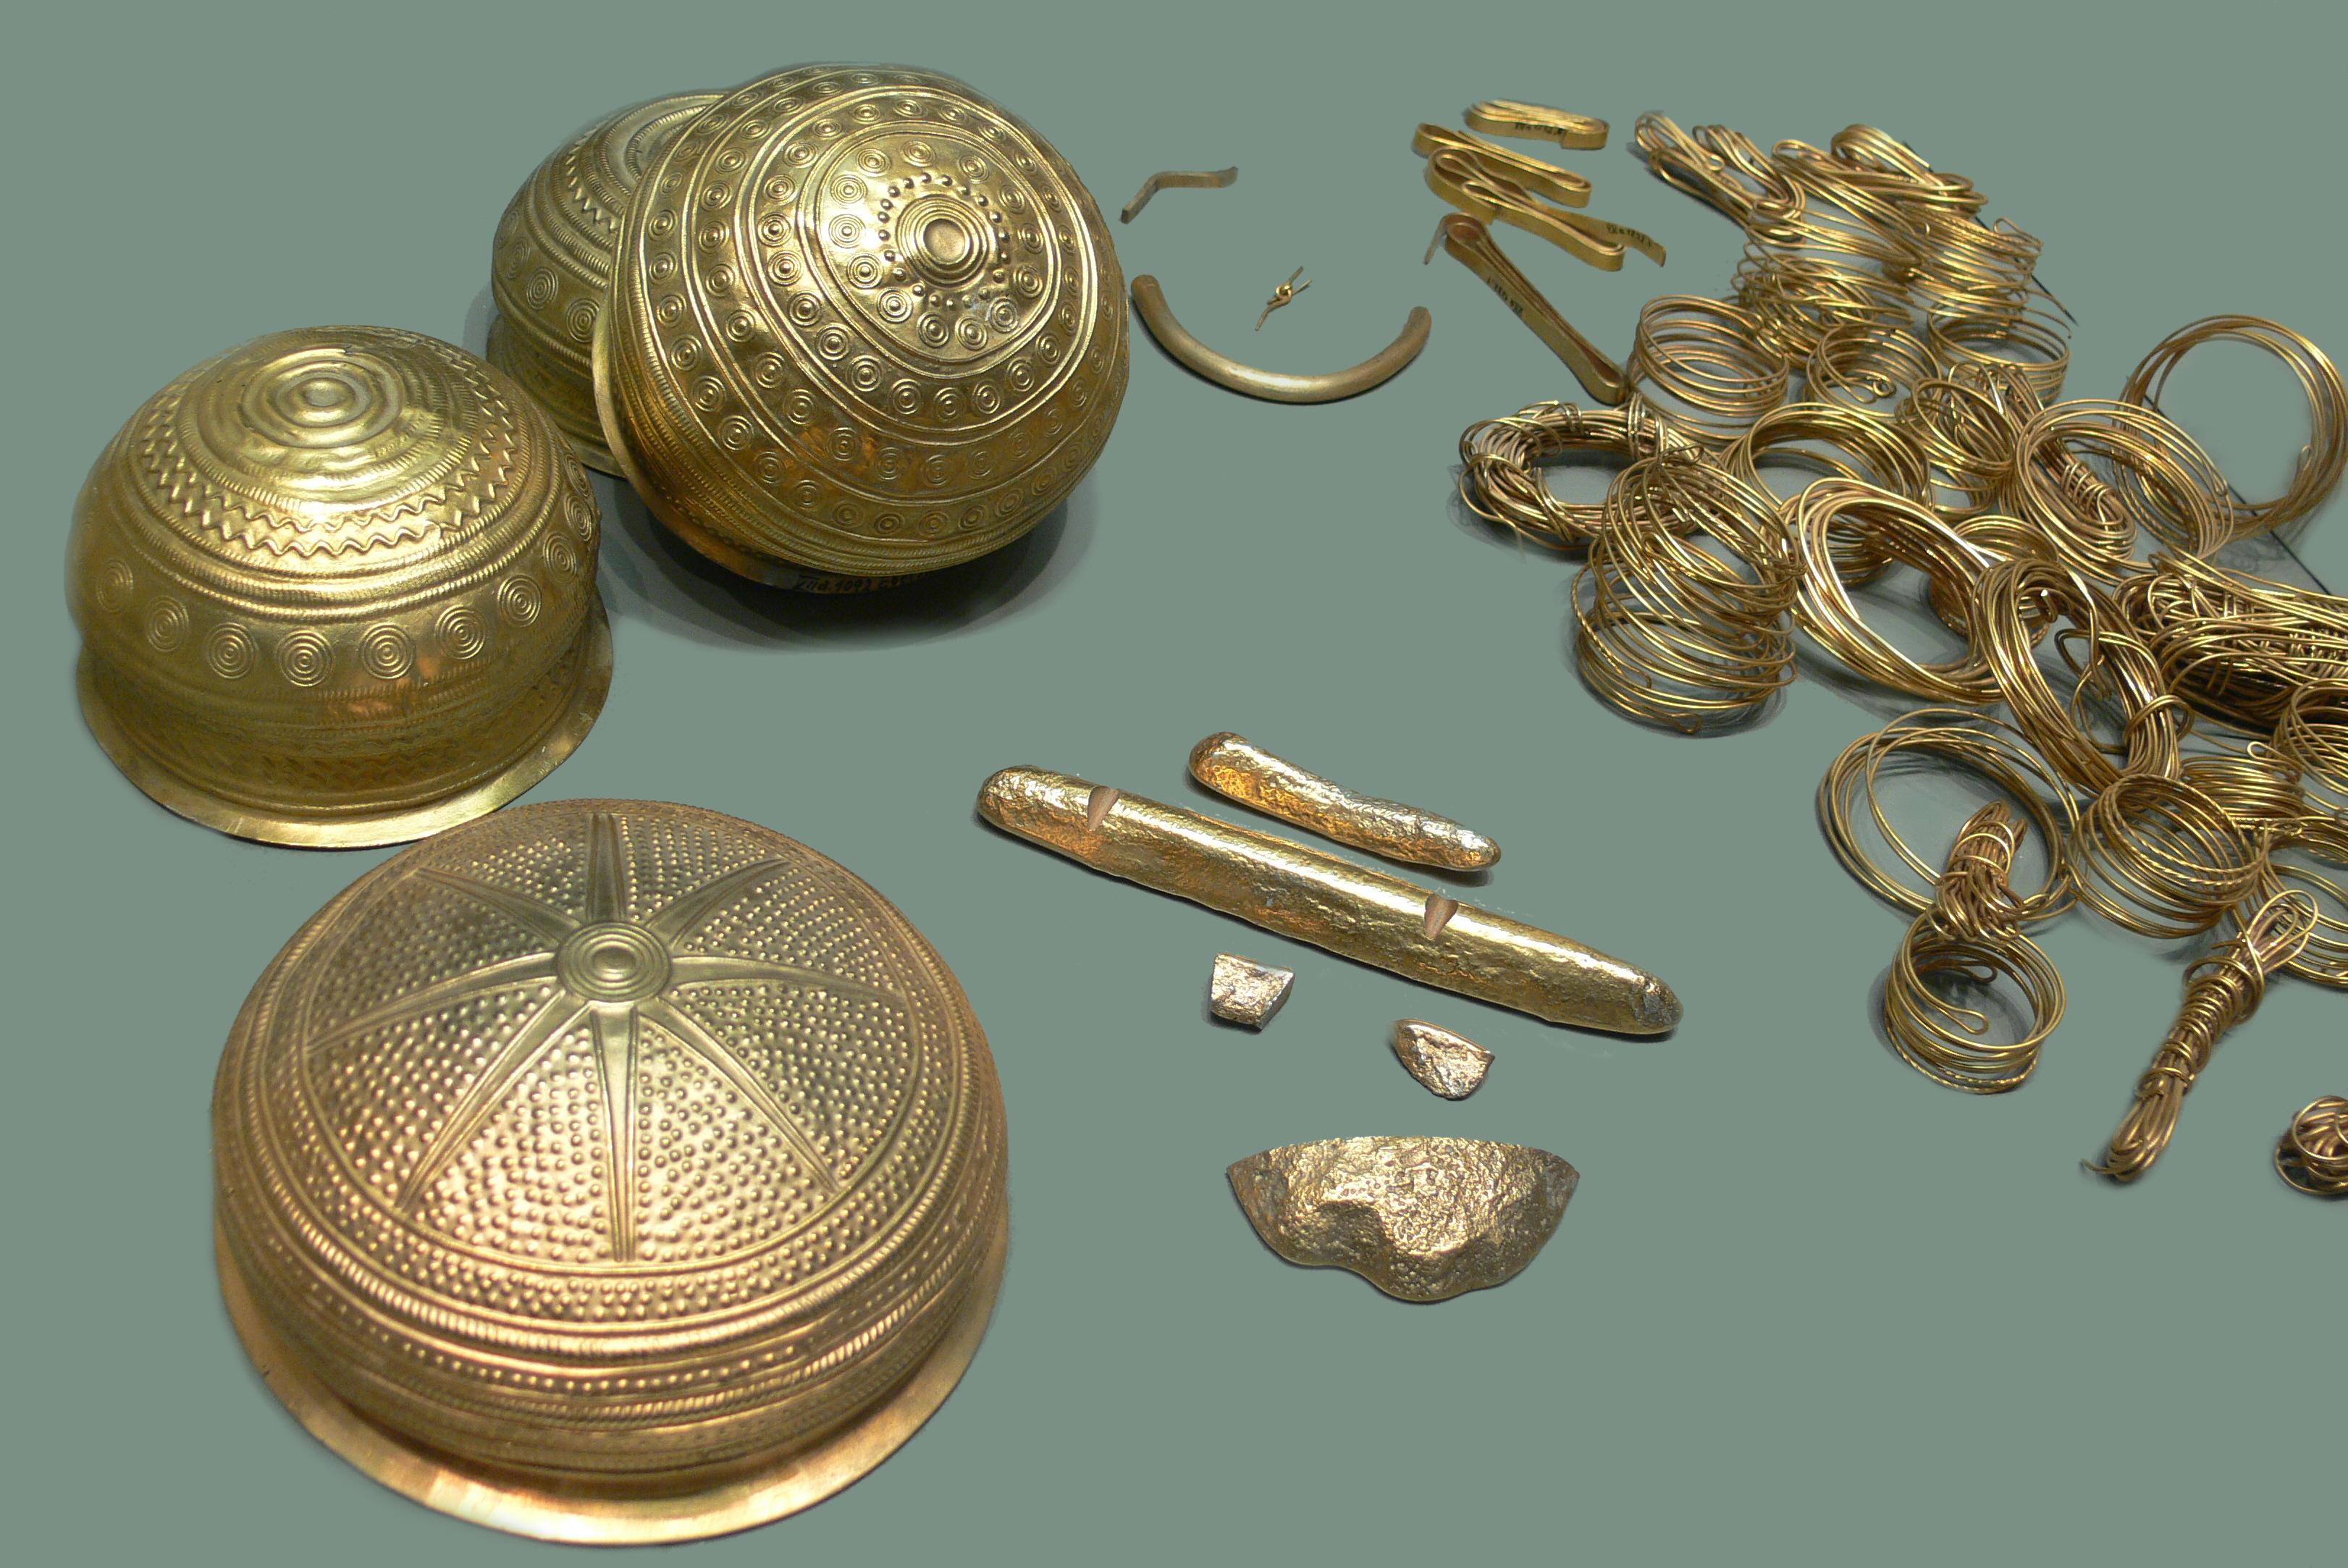 Der Goldfund von Eberswalde (bronzezeitlicher Goldschatz), 10.–9. Jh. v. Chr, Collection: Museum für Vor- und Frühgeschichte Berlin, Photograph: Andreas Praefcke 2006, Wikipedia